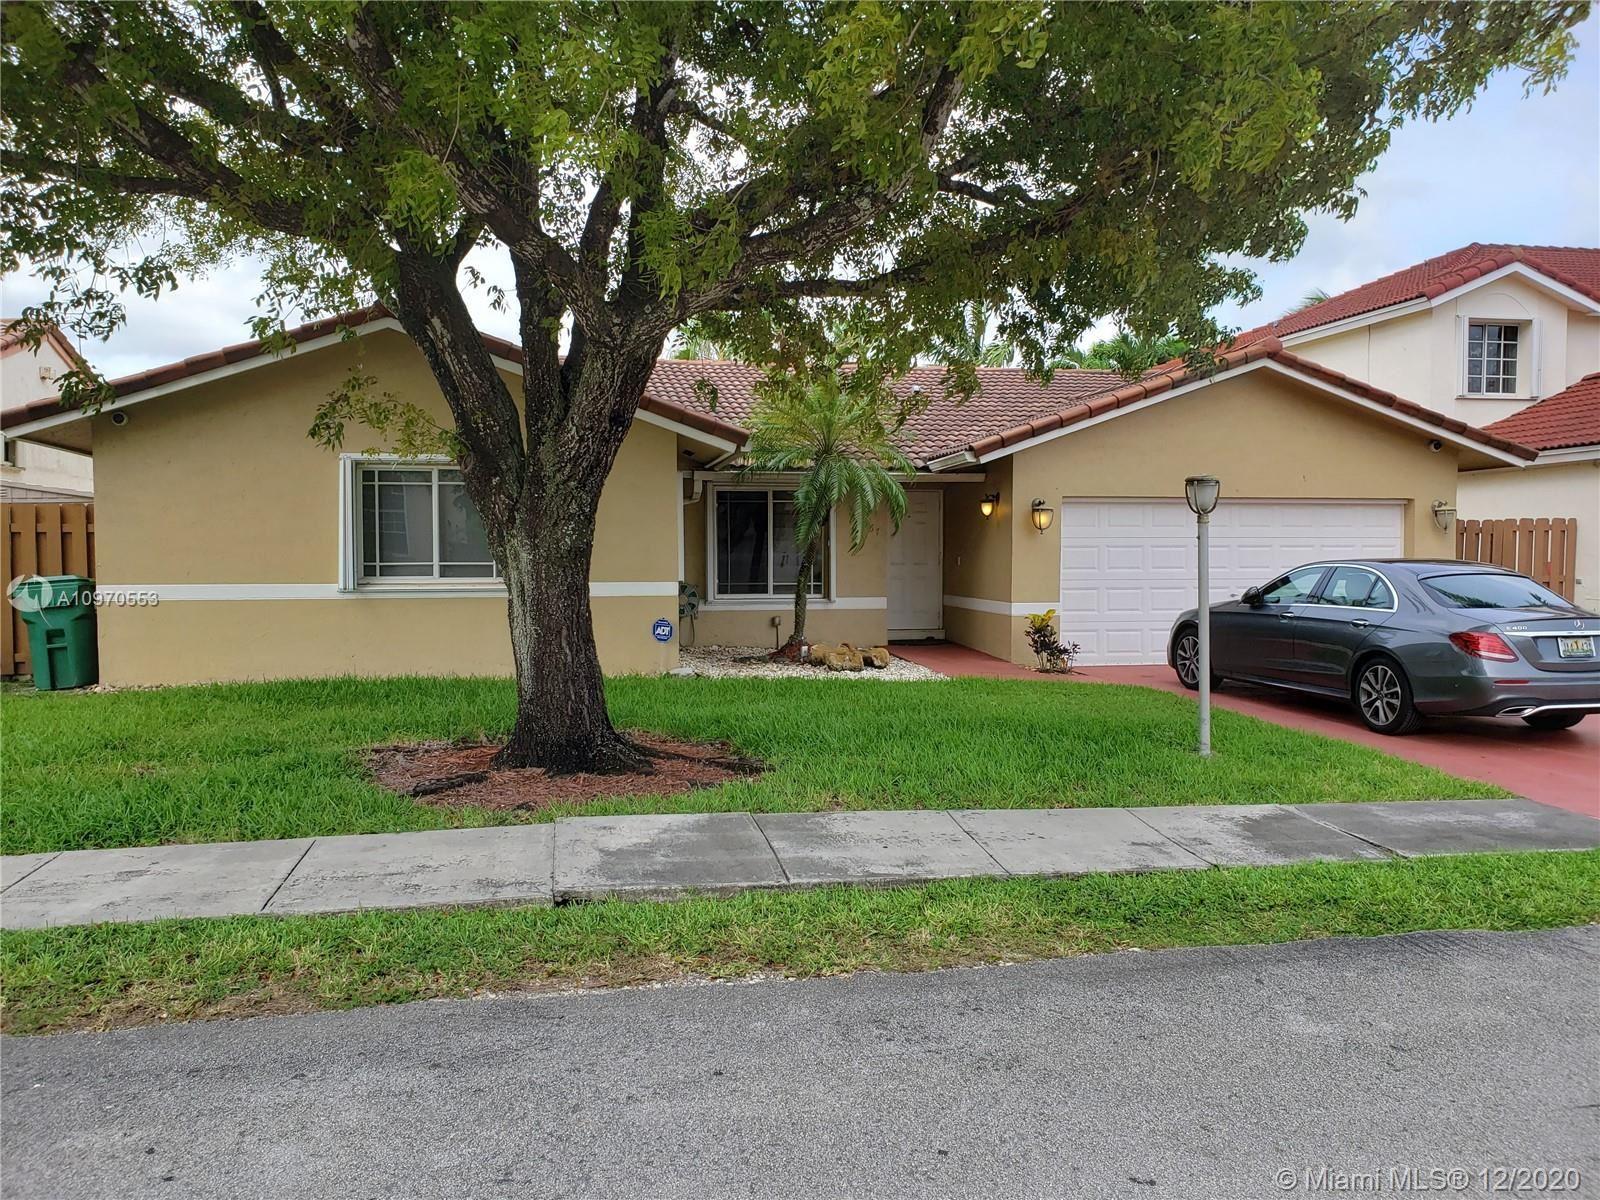 15967 SW 110th St, Miami, FL 33196 - #: A10970553